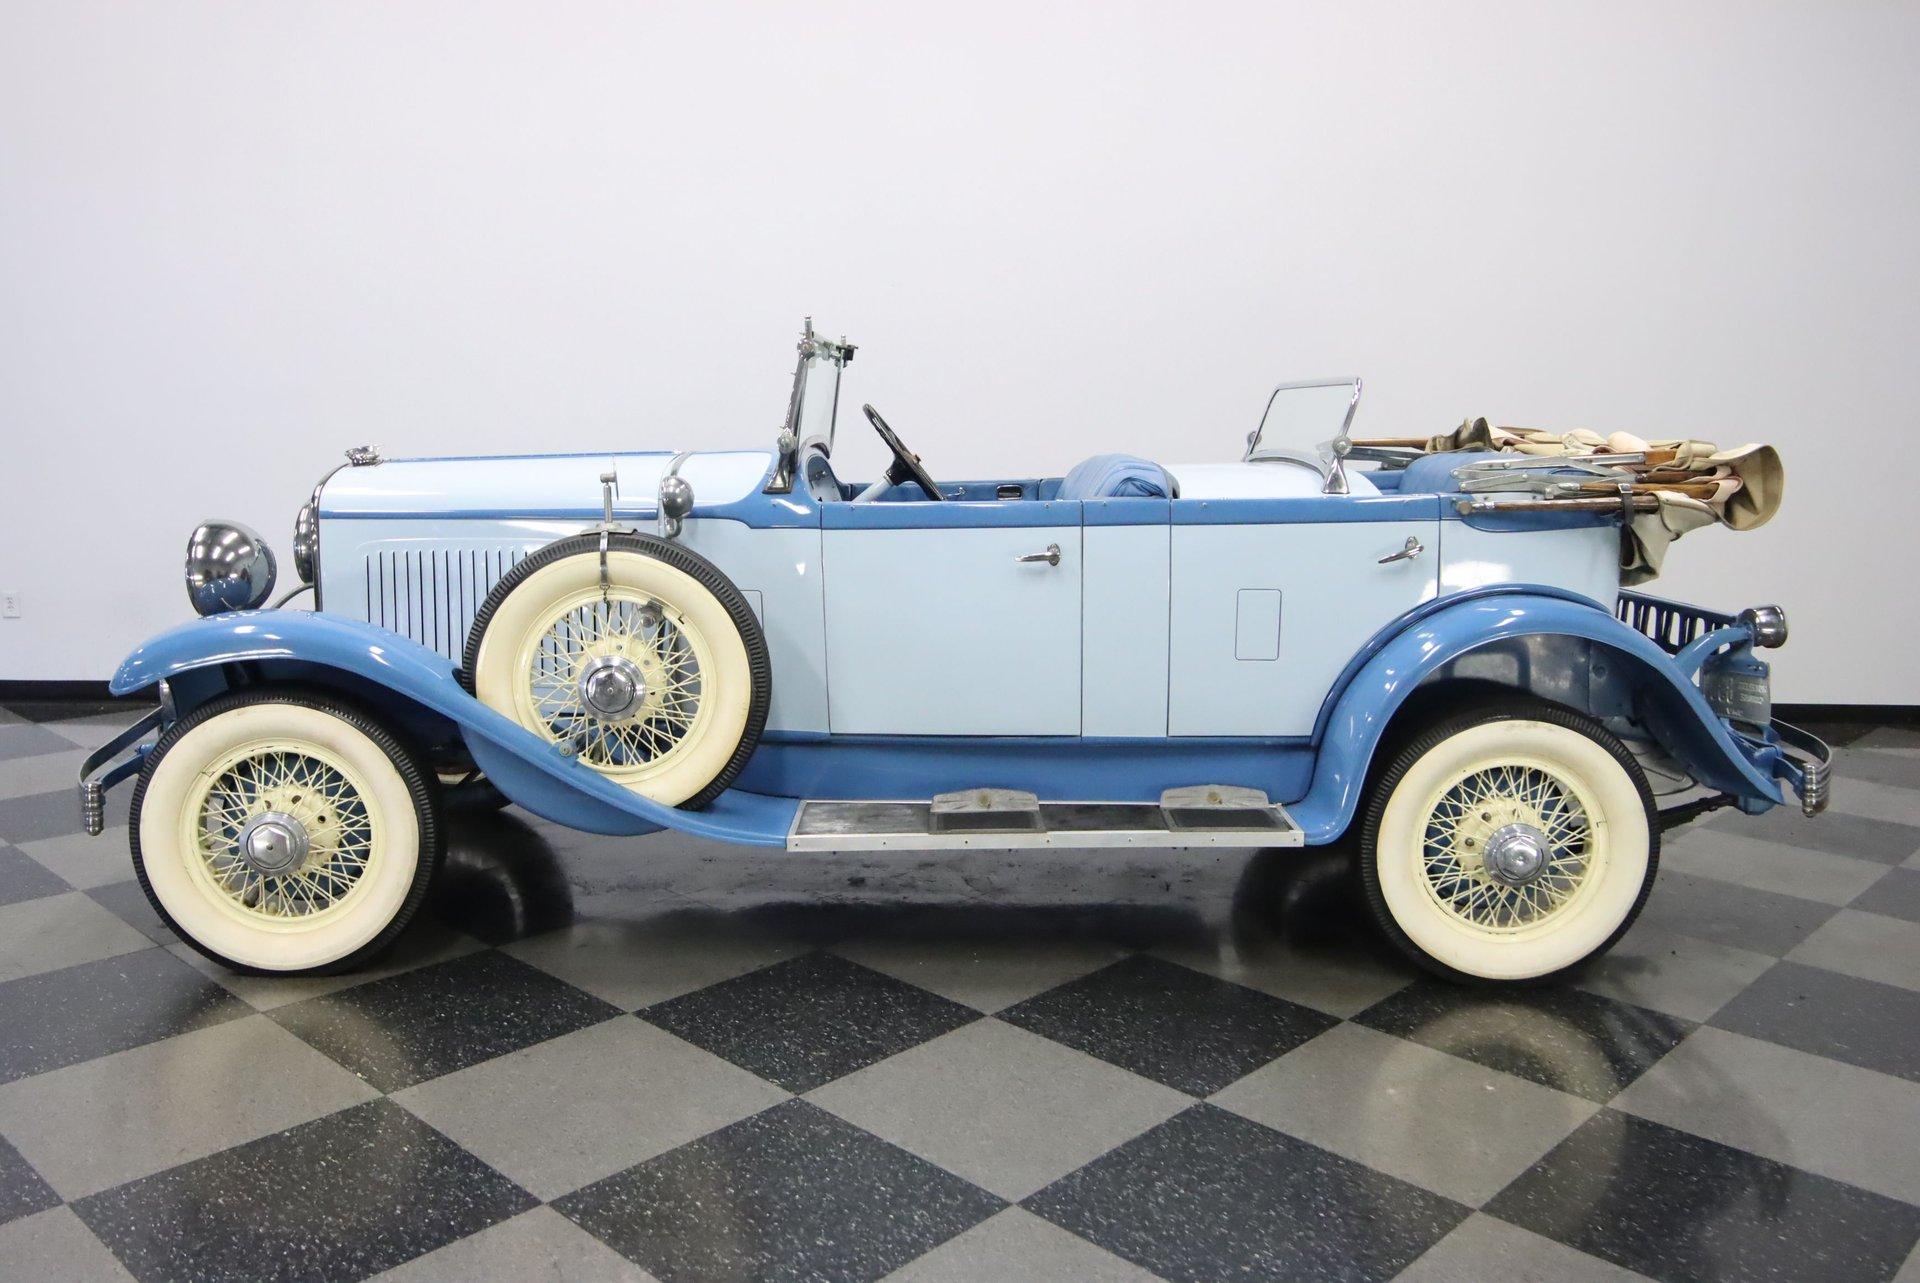 1929 chrysler series 75 tonneau phaeton